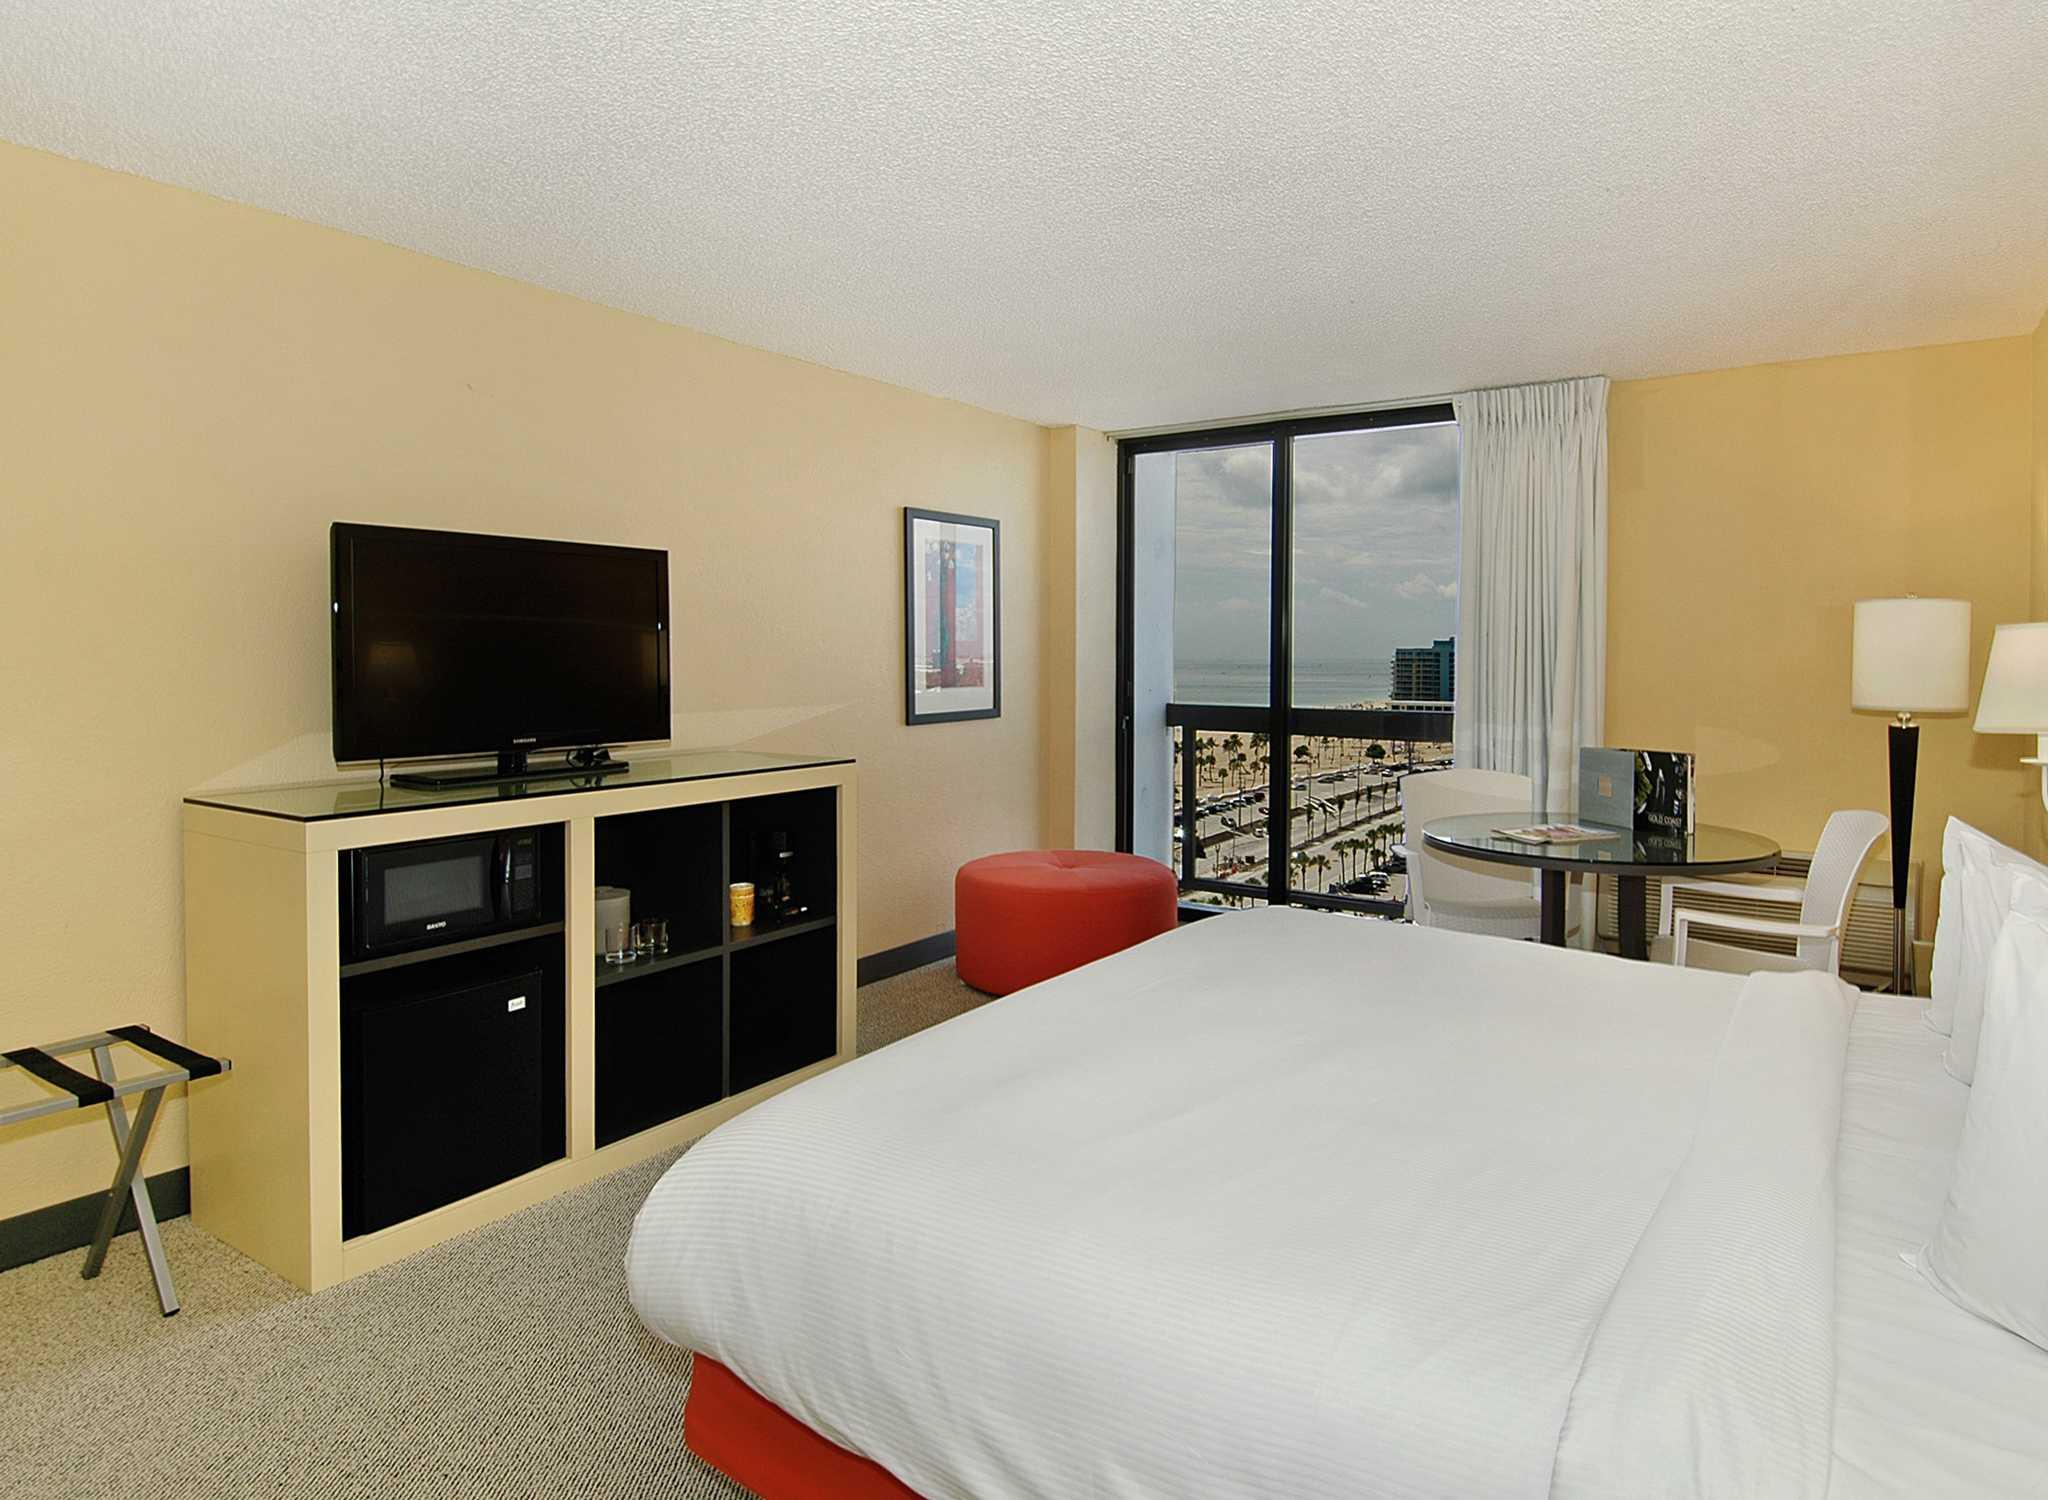 Bahia Mar Fort Lauderdale Beach U2013 A DoubleTree By Hilton Hotel, EUA U2013 Uma  Cama